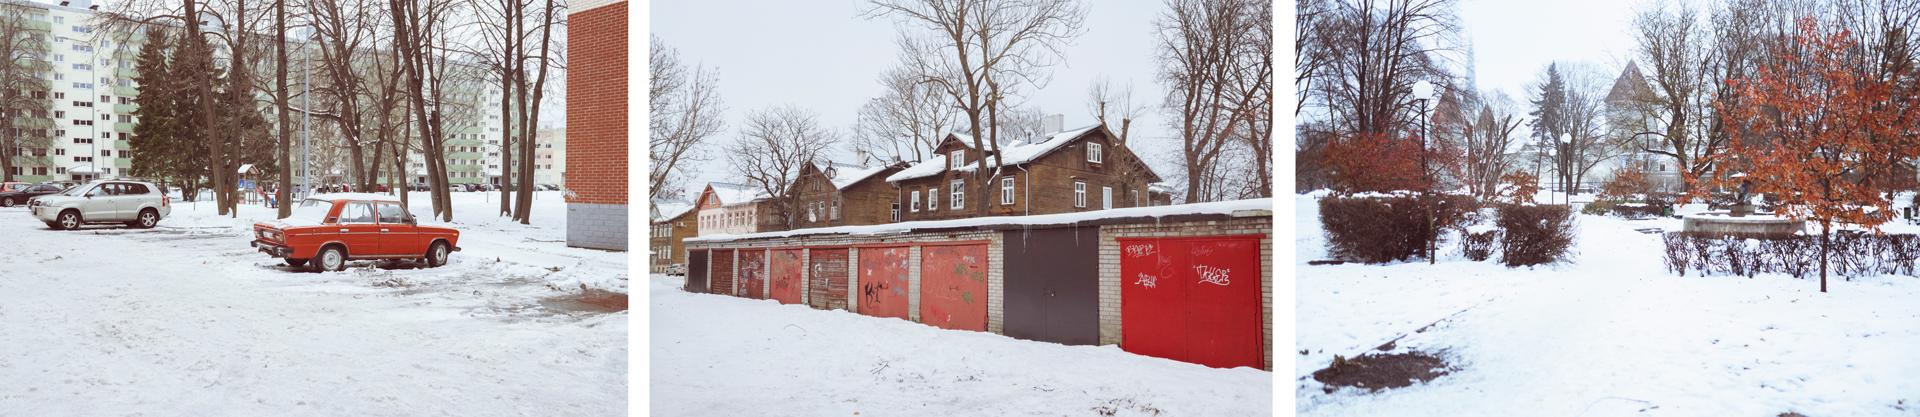 Mustamäe/Kalamaja/Old town in Tallinn.